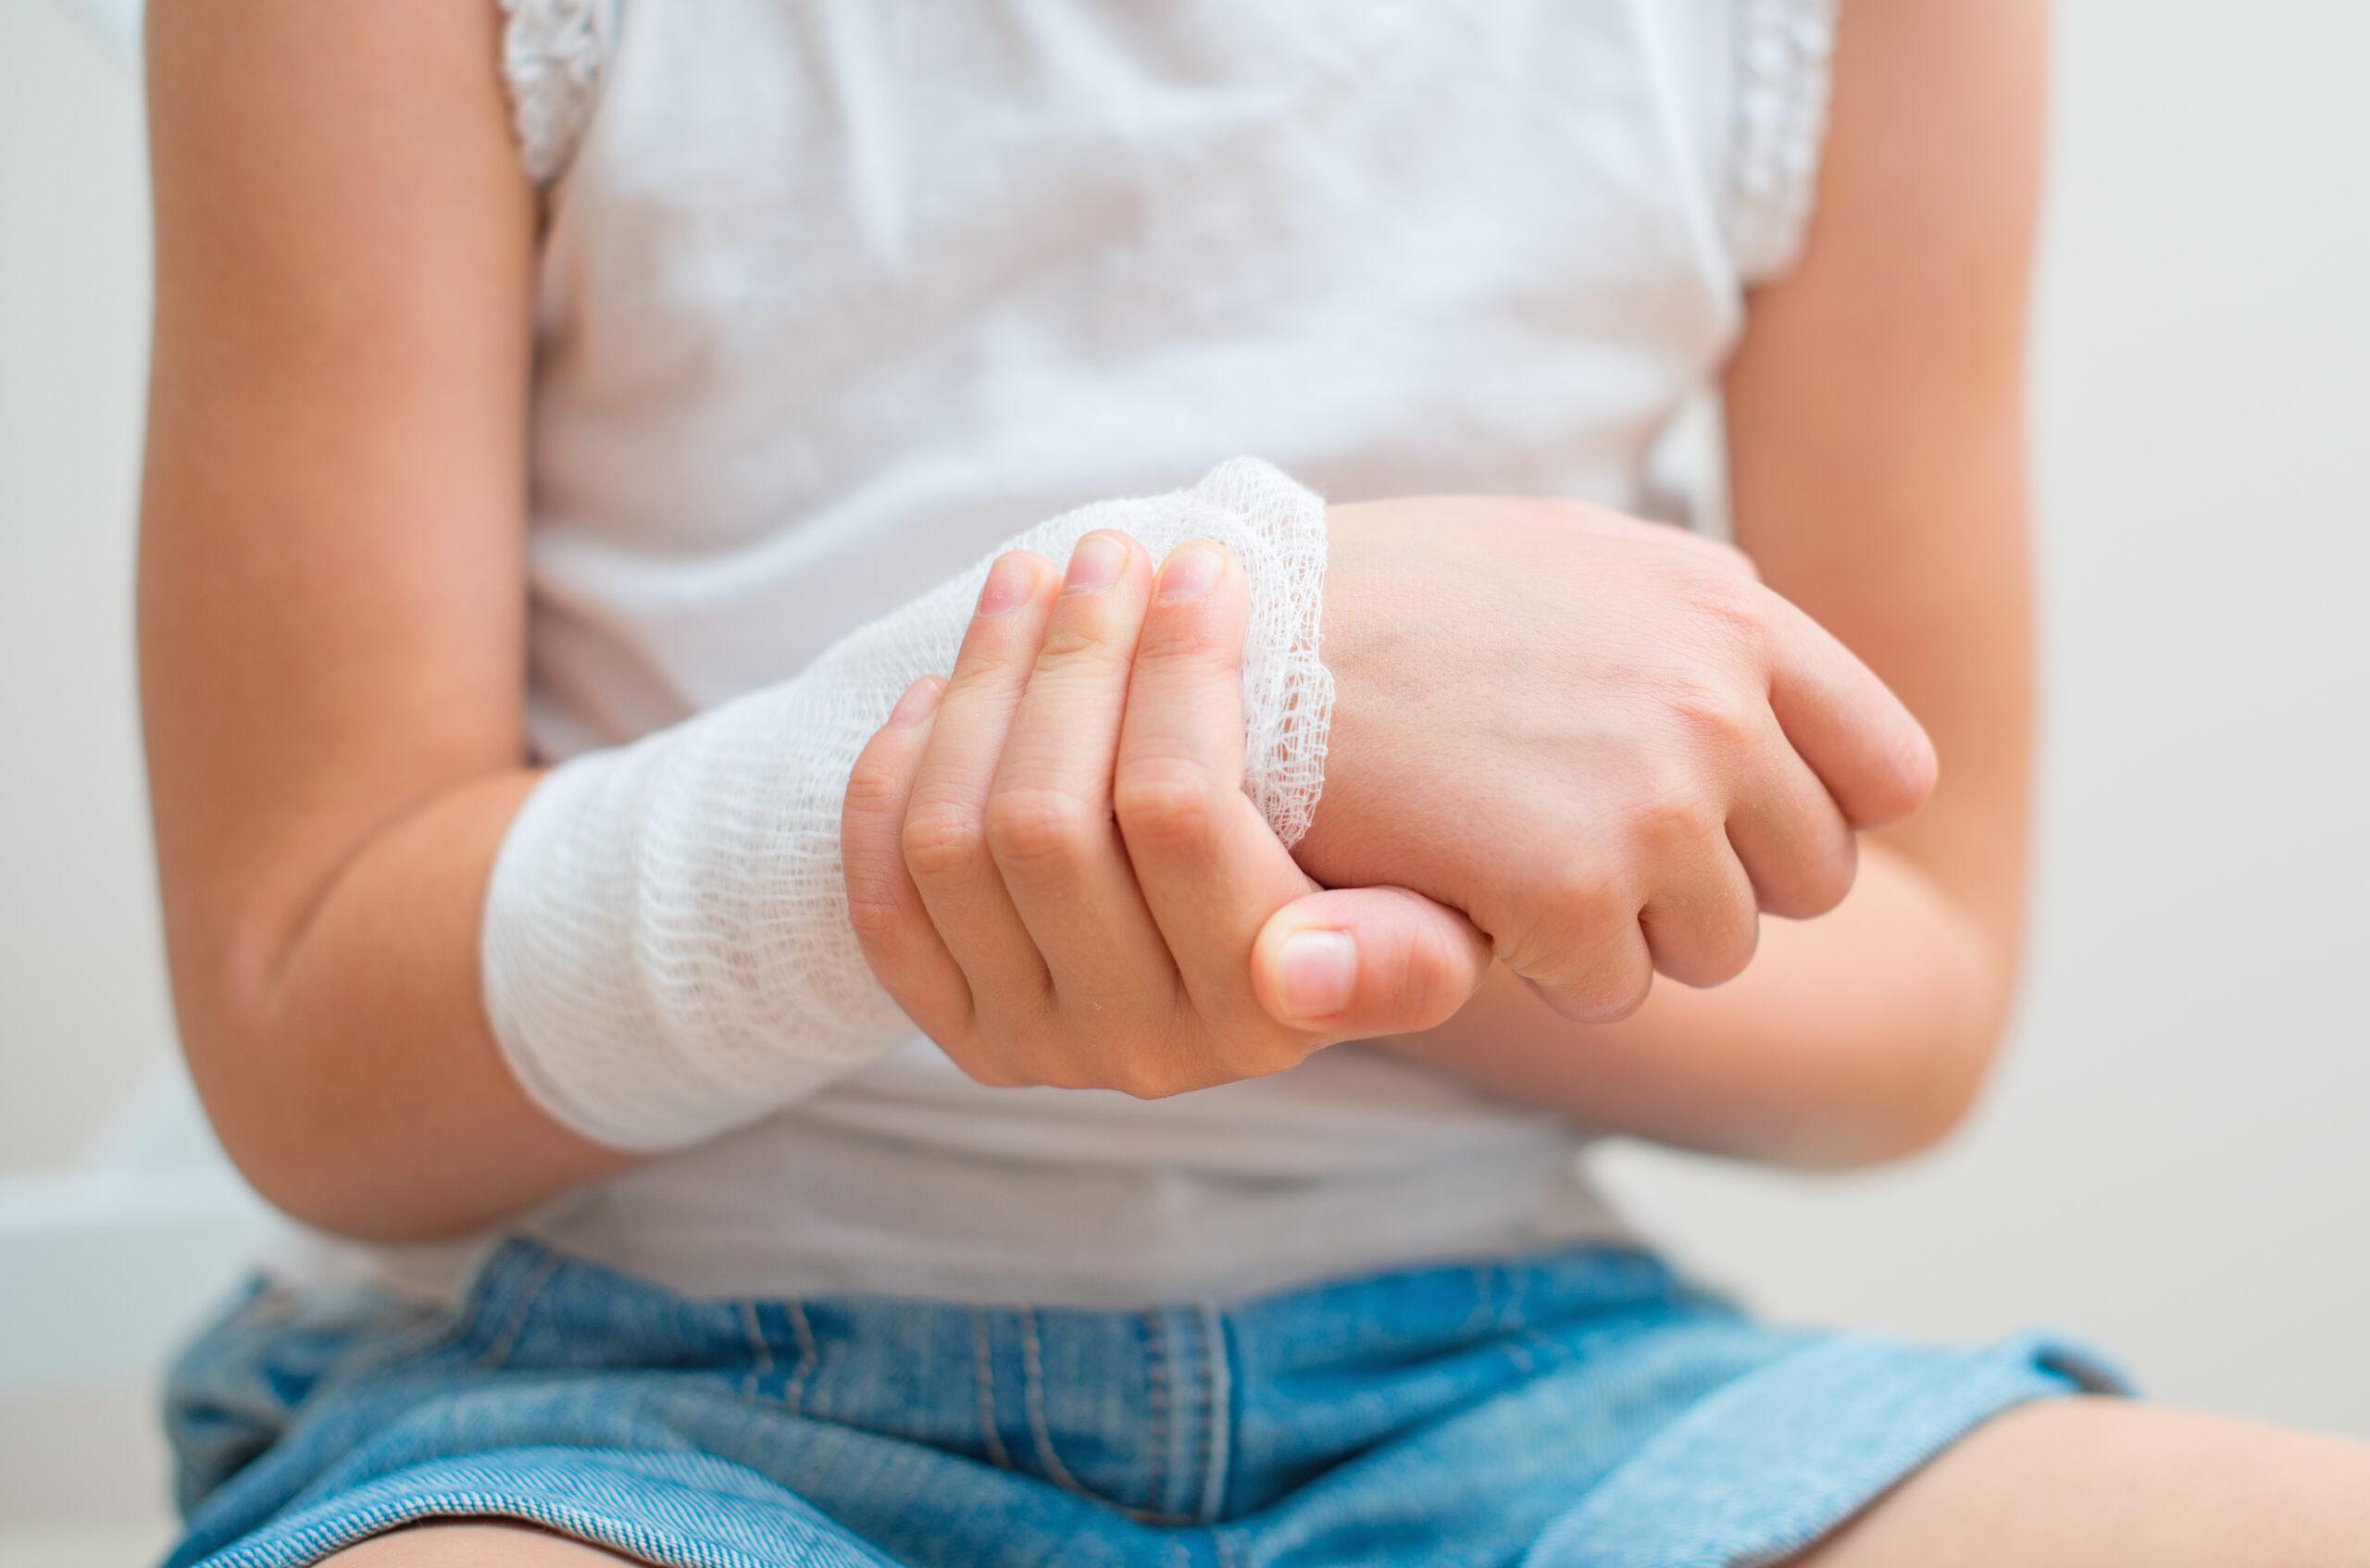 Jakimi zasadami powinniśmy kierować się w doborze opatrunku do rany?